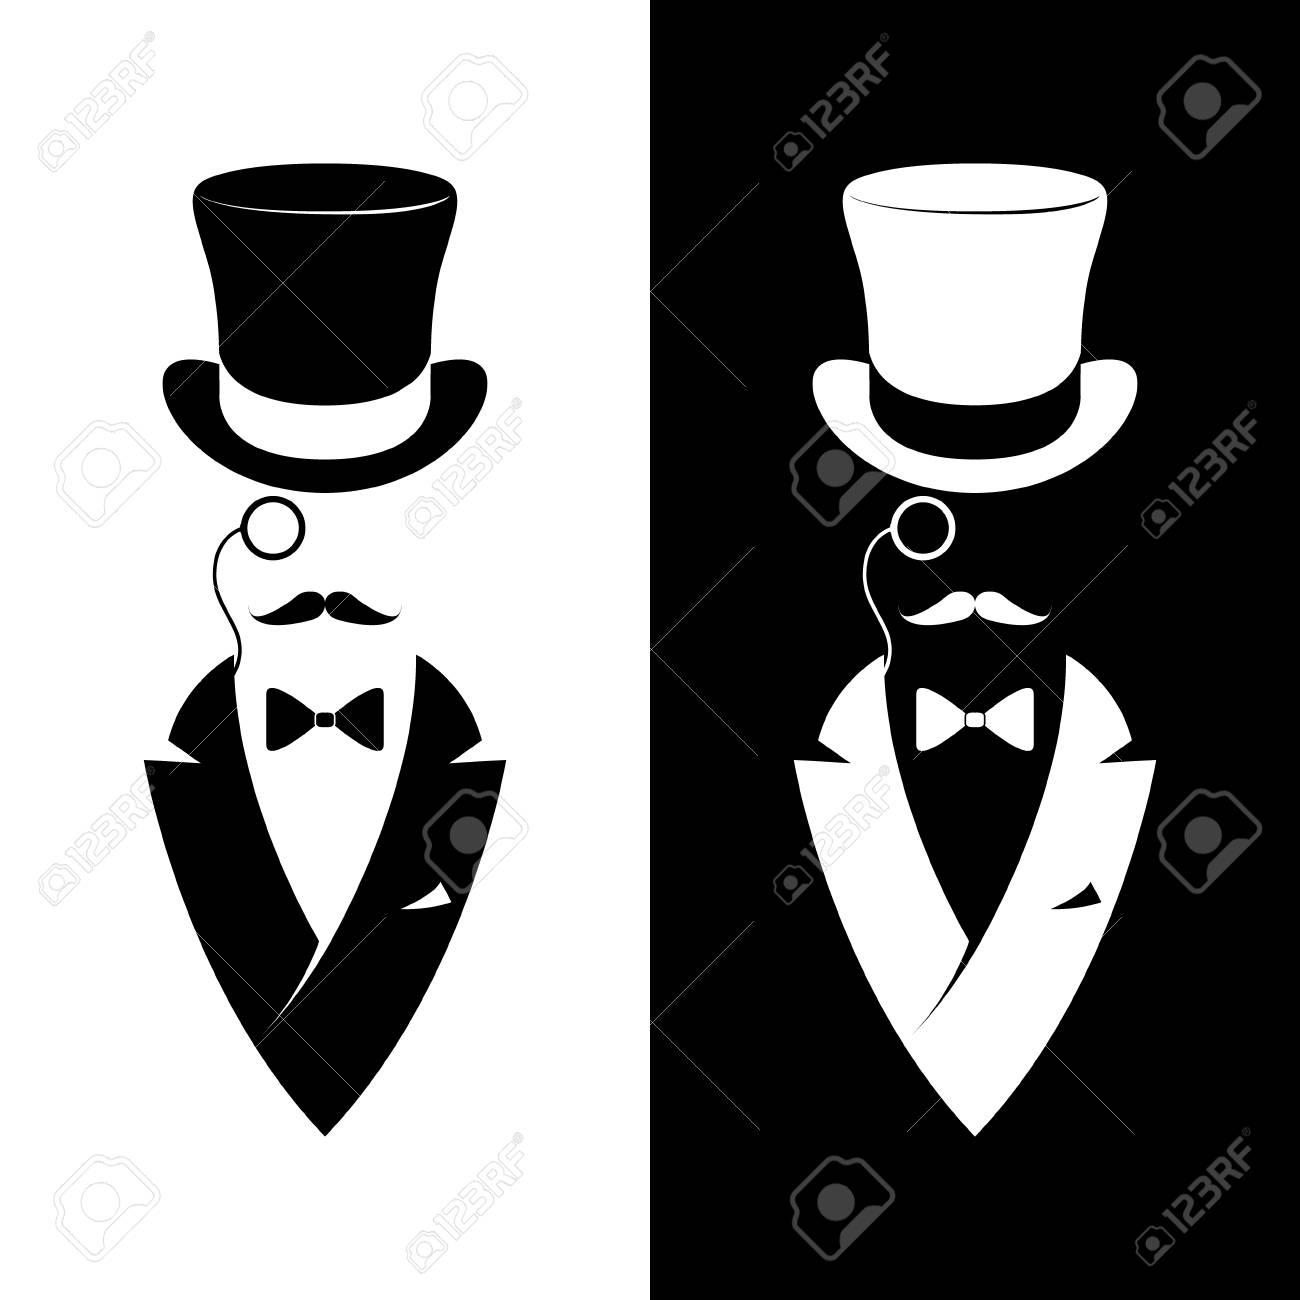 Vintage label gentlemen club. Hipster logo. Vector illustration. - 79629332